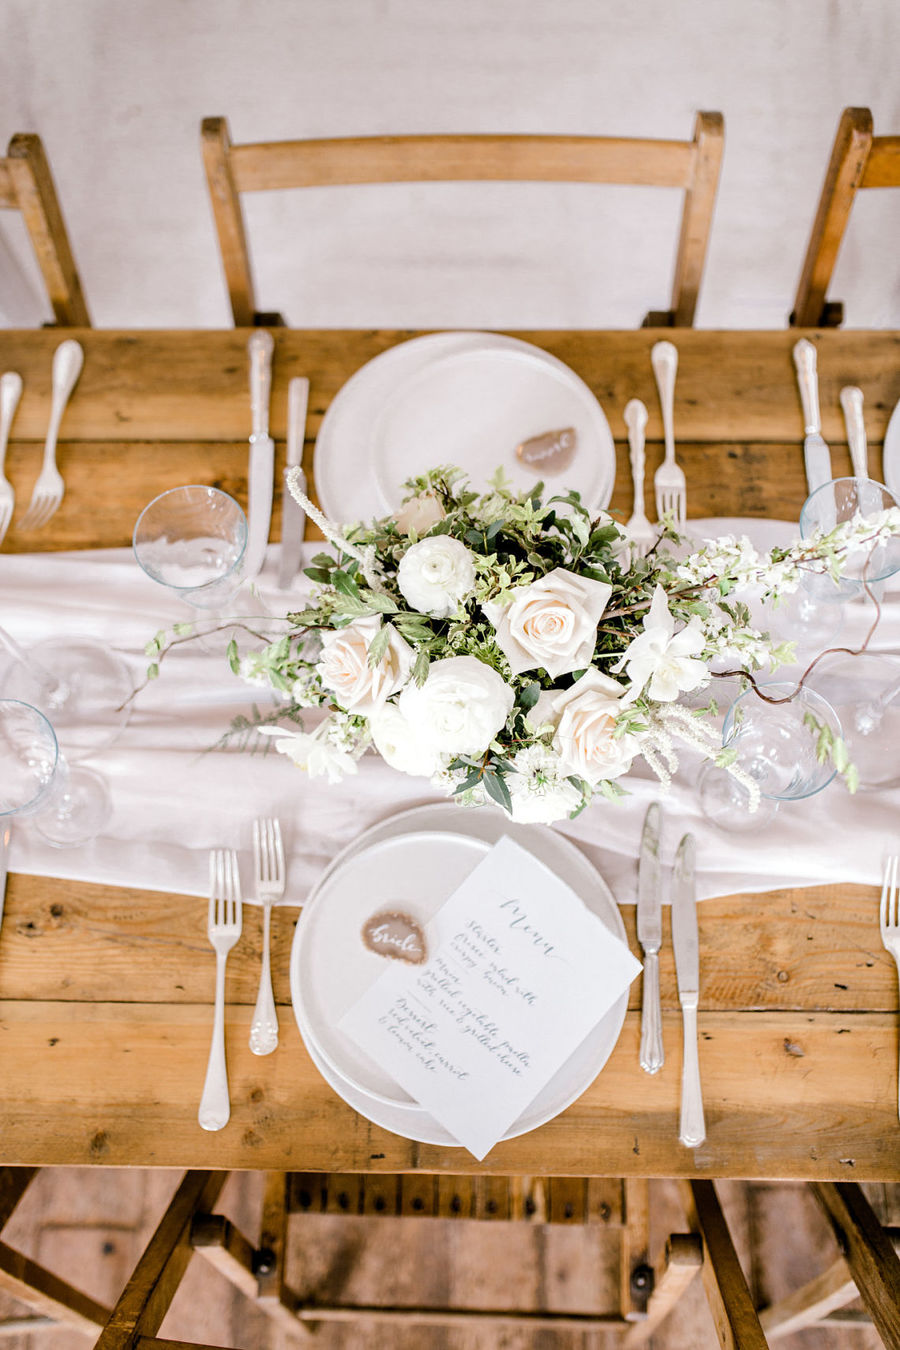 Minimal elegant wedding style ideas by Wildflower Wedding Planner Natasha, images Helene Elliott Photography (29)